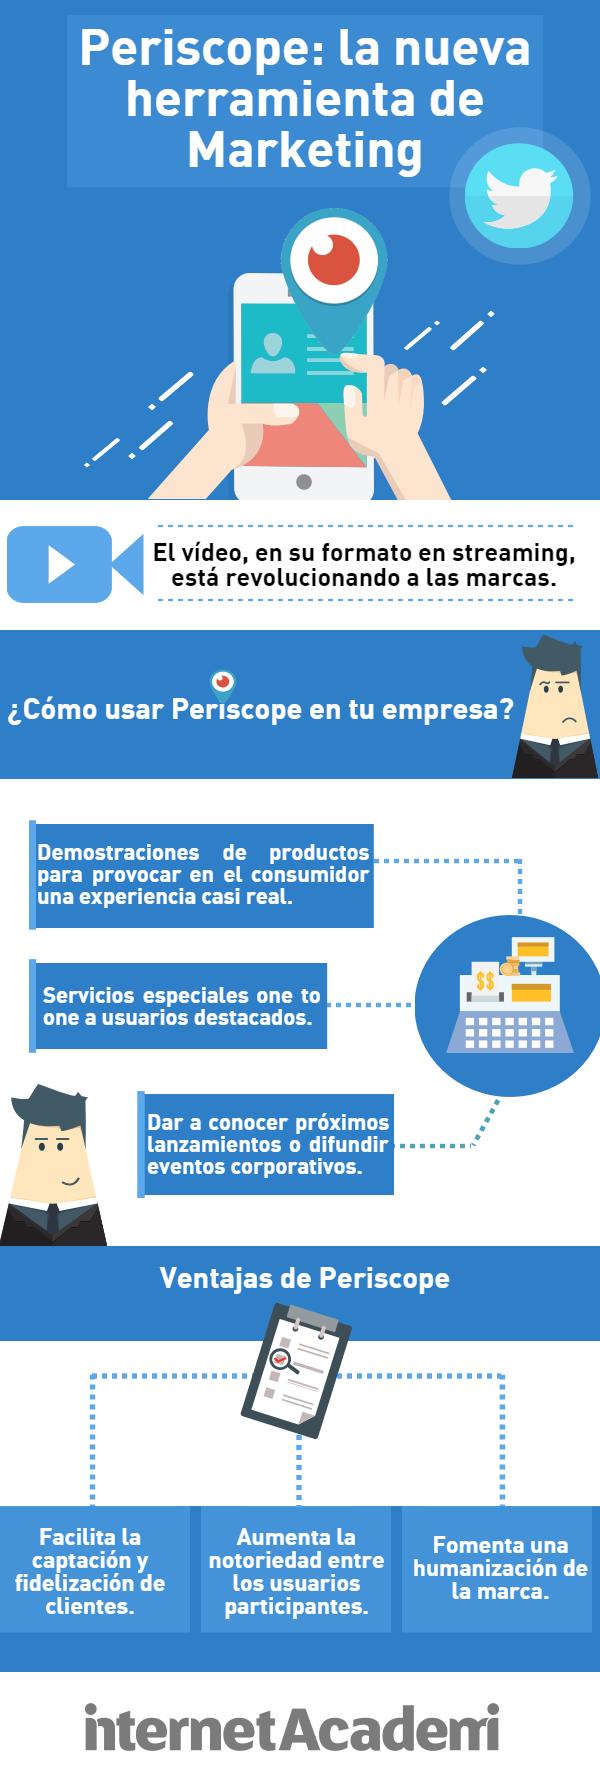 Periscope: la nueva herramienta de marketing